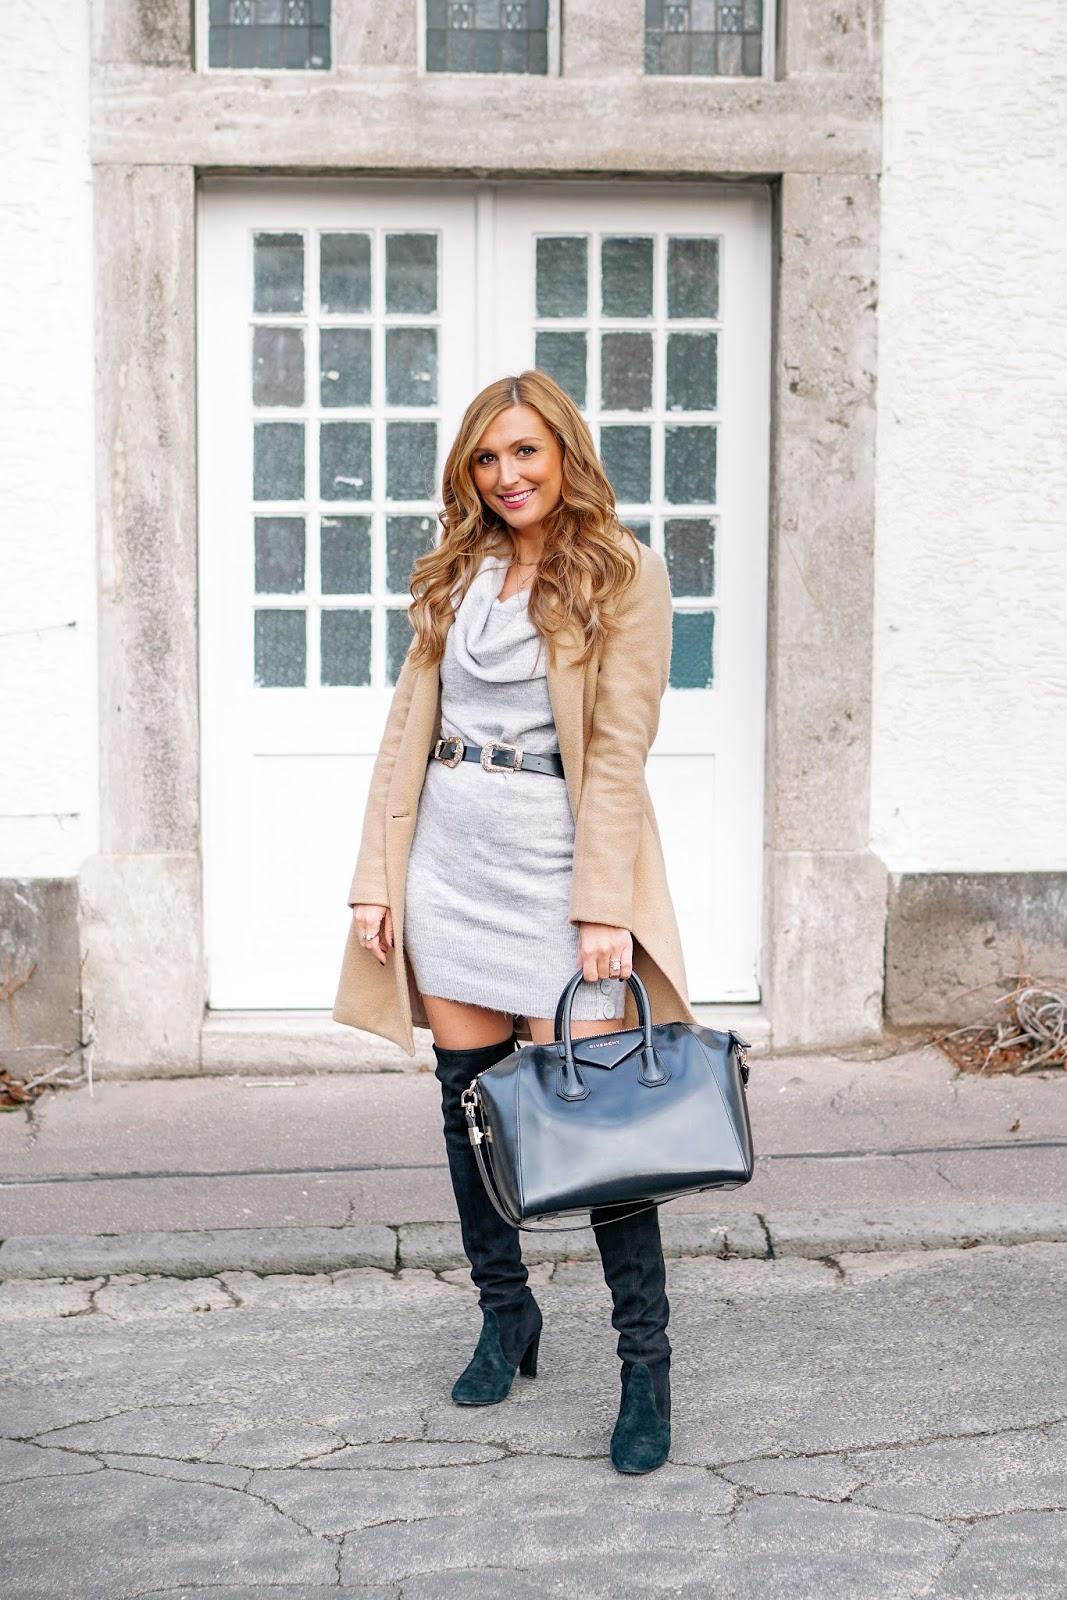 doppelter-gürtel-beiger-Zara-Mantel-wie-trage-ich-ein-graues-strickkleid-und-schwarze-overknees-fashionblogger-fashionstylebyjohanna